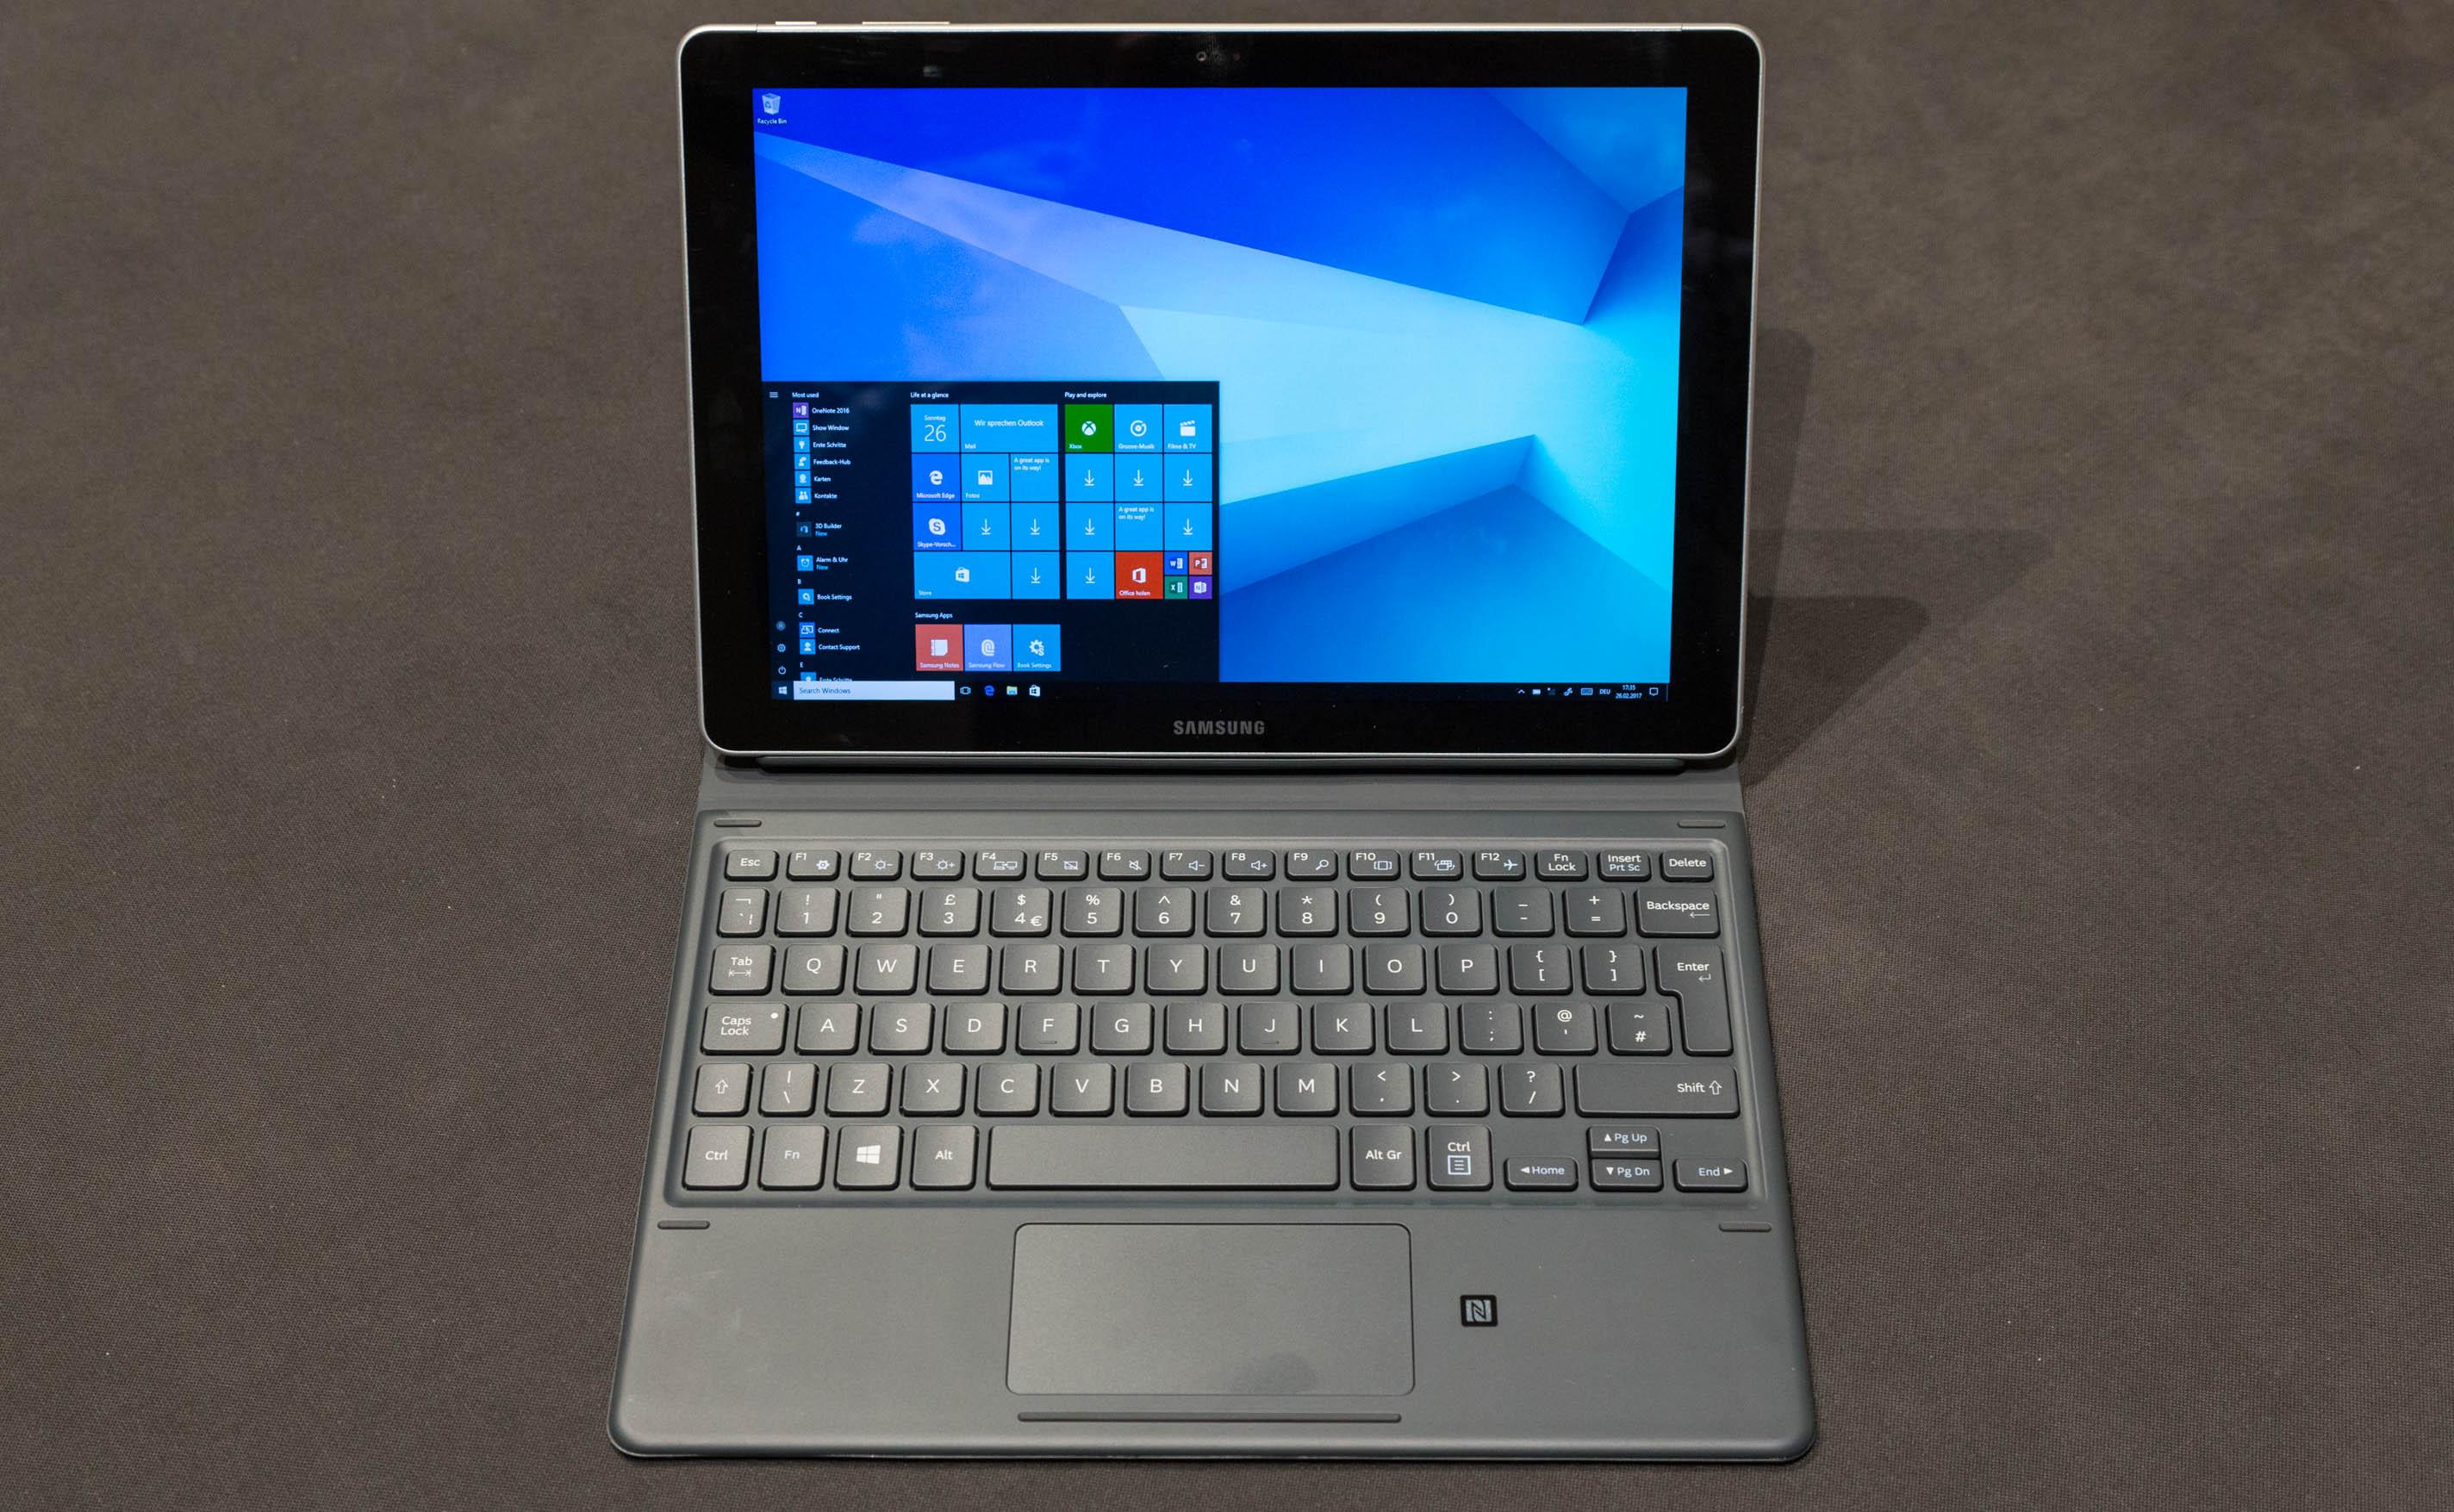 Galaxy Book im Hands on: Samsung bringt neuen 2-in-1-Computer - Das neue Galaxy Book von Samsung, hier in der 10,6-Zoll-Variante. (Bild: Martin Wolf/Golem.de)